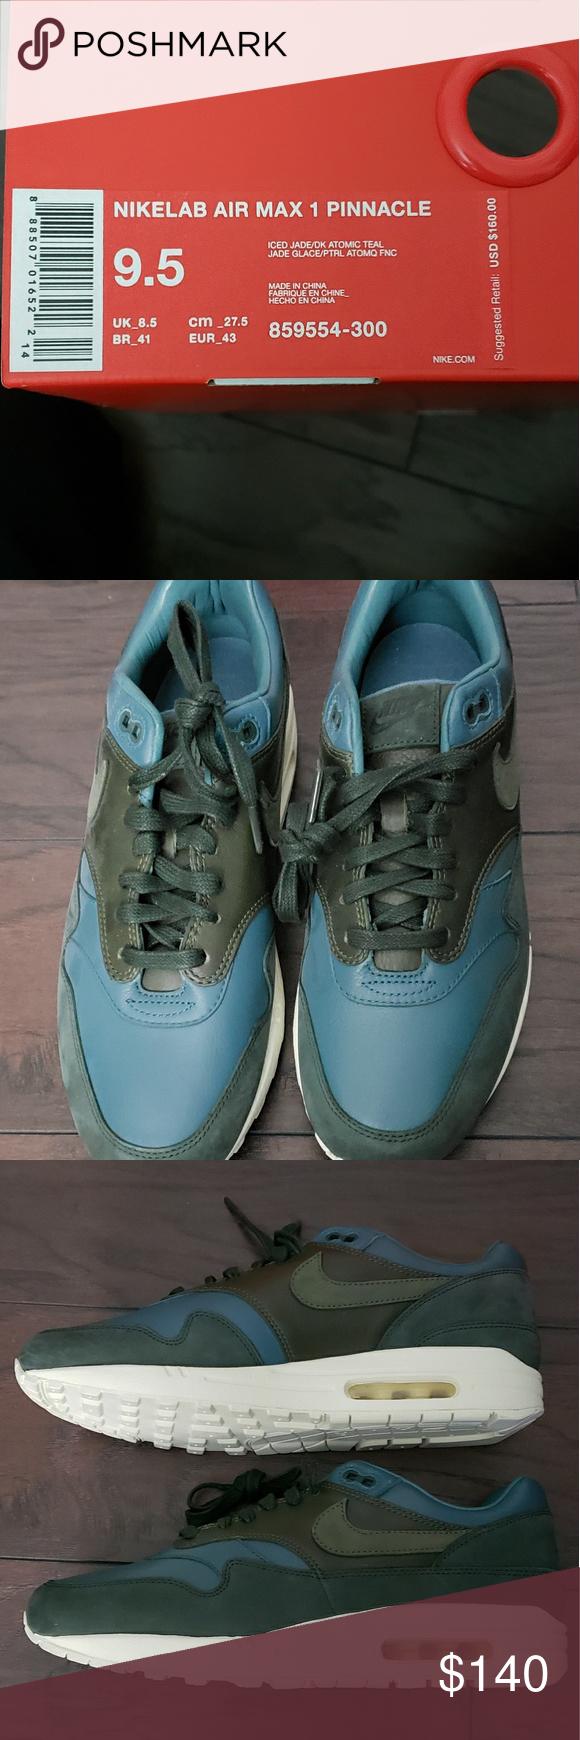 25aca33698a7 Nike airamax 1 pinnacle nikelab mens size 9.5 NWT